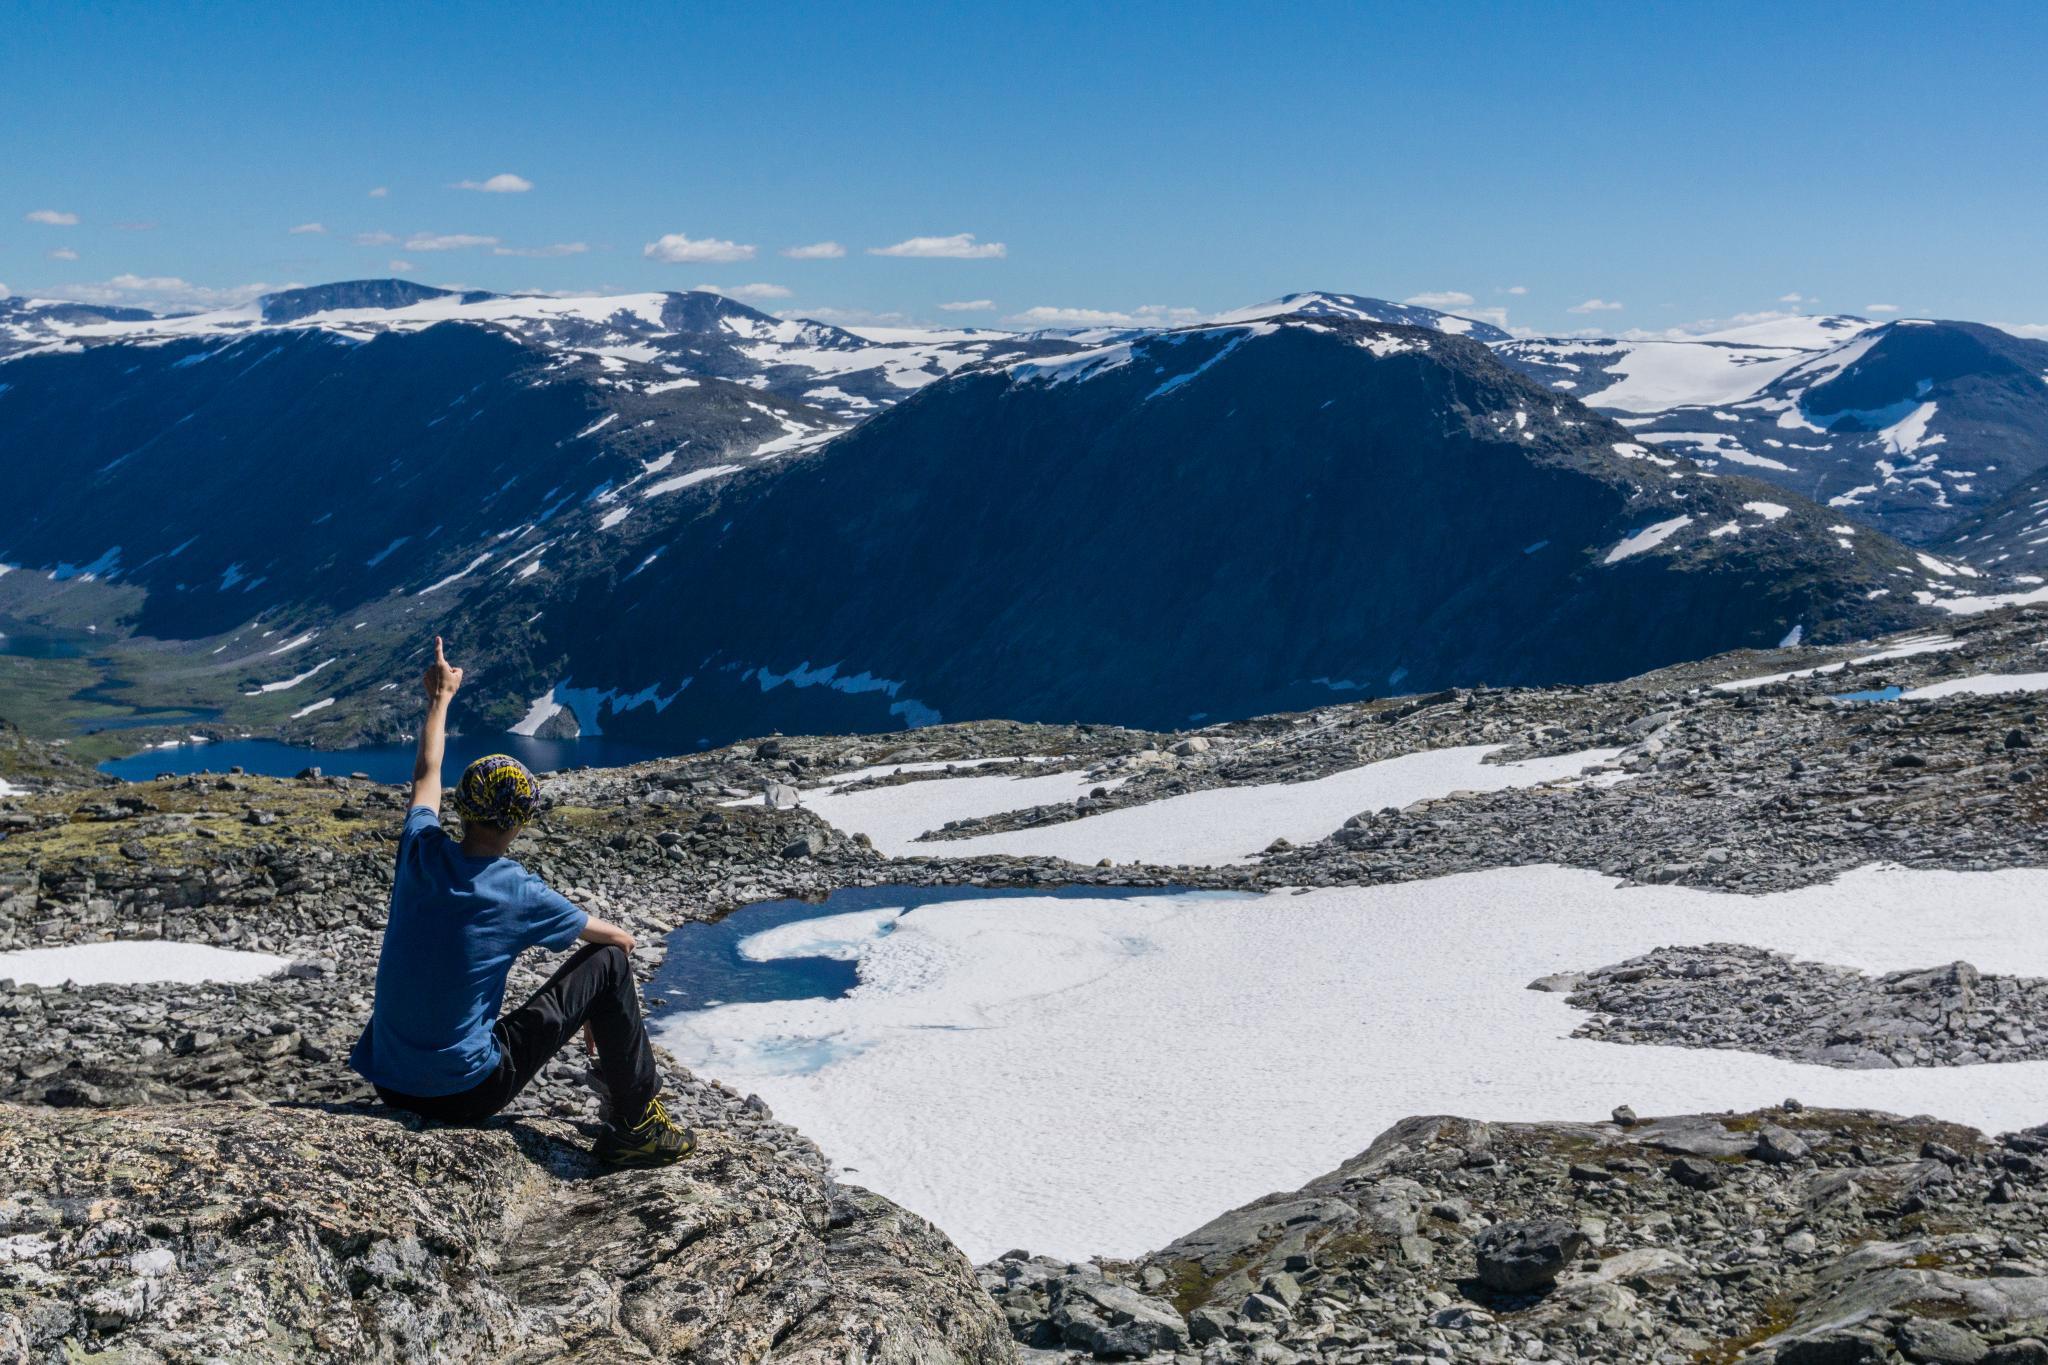 【北歐景點】歐洲最震撼的峽灣觀景台 — Dalsnibba Mountain Plateau 32